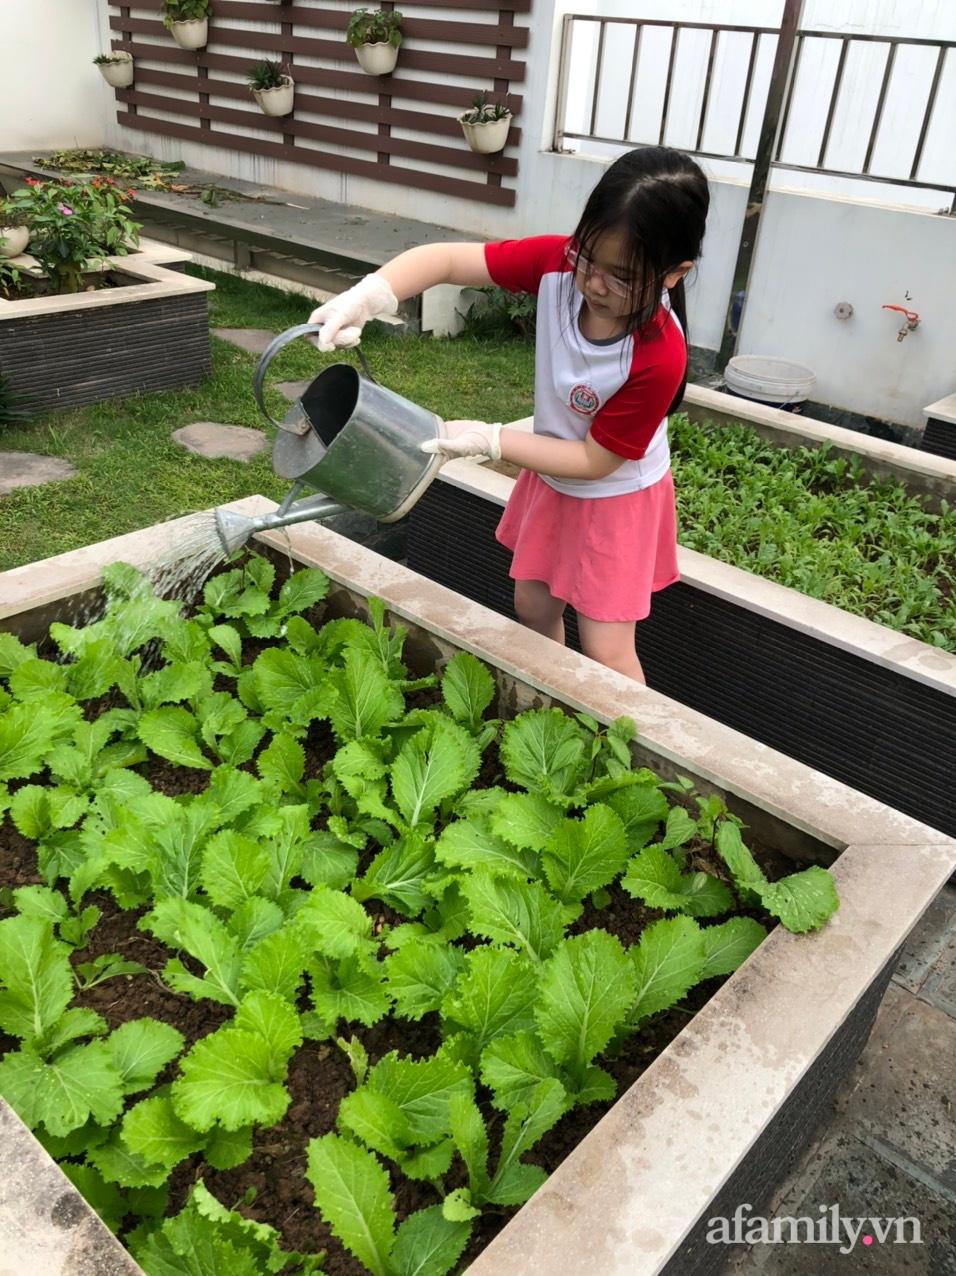 Vườn rau quả sạch 100m2 trên mái nhà của người phụ nữ xinh đẹp ở Hà Nội - Ảnh 15.